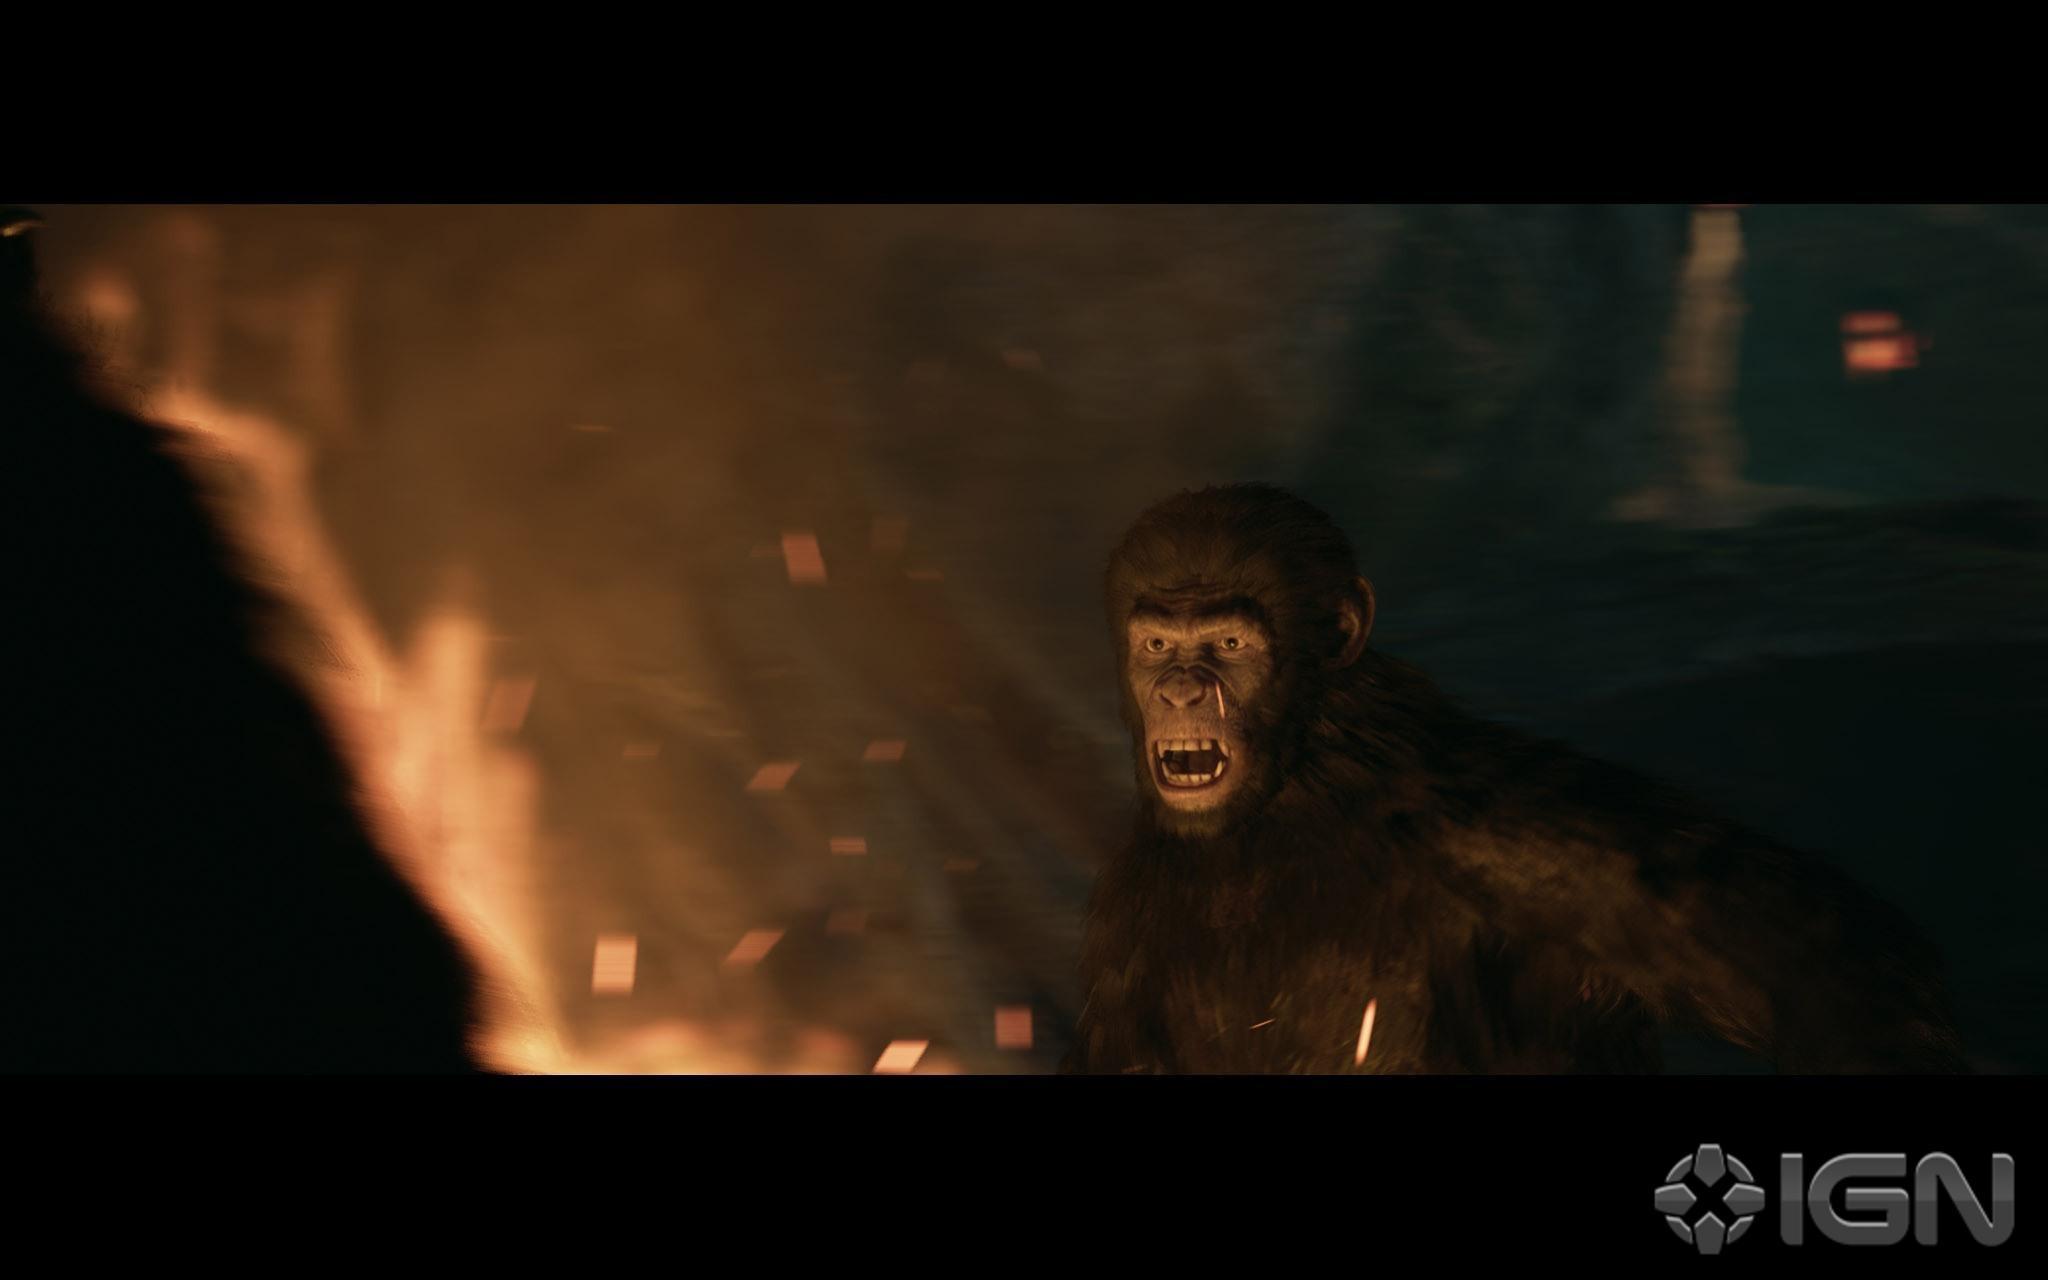 Nová hra na motivy Planety opic se zaměřuje pouze na vaše rozhodování 148483